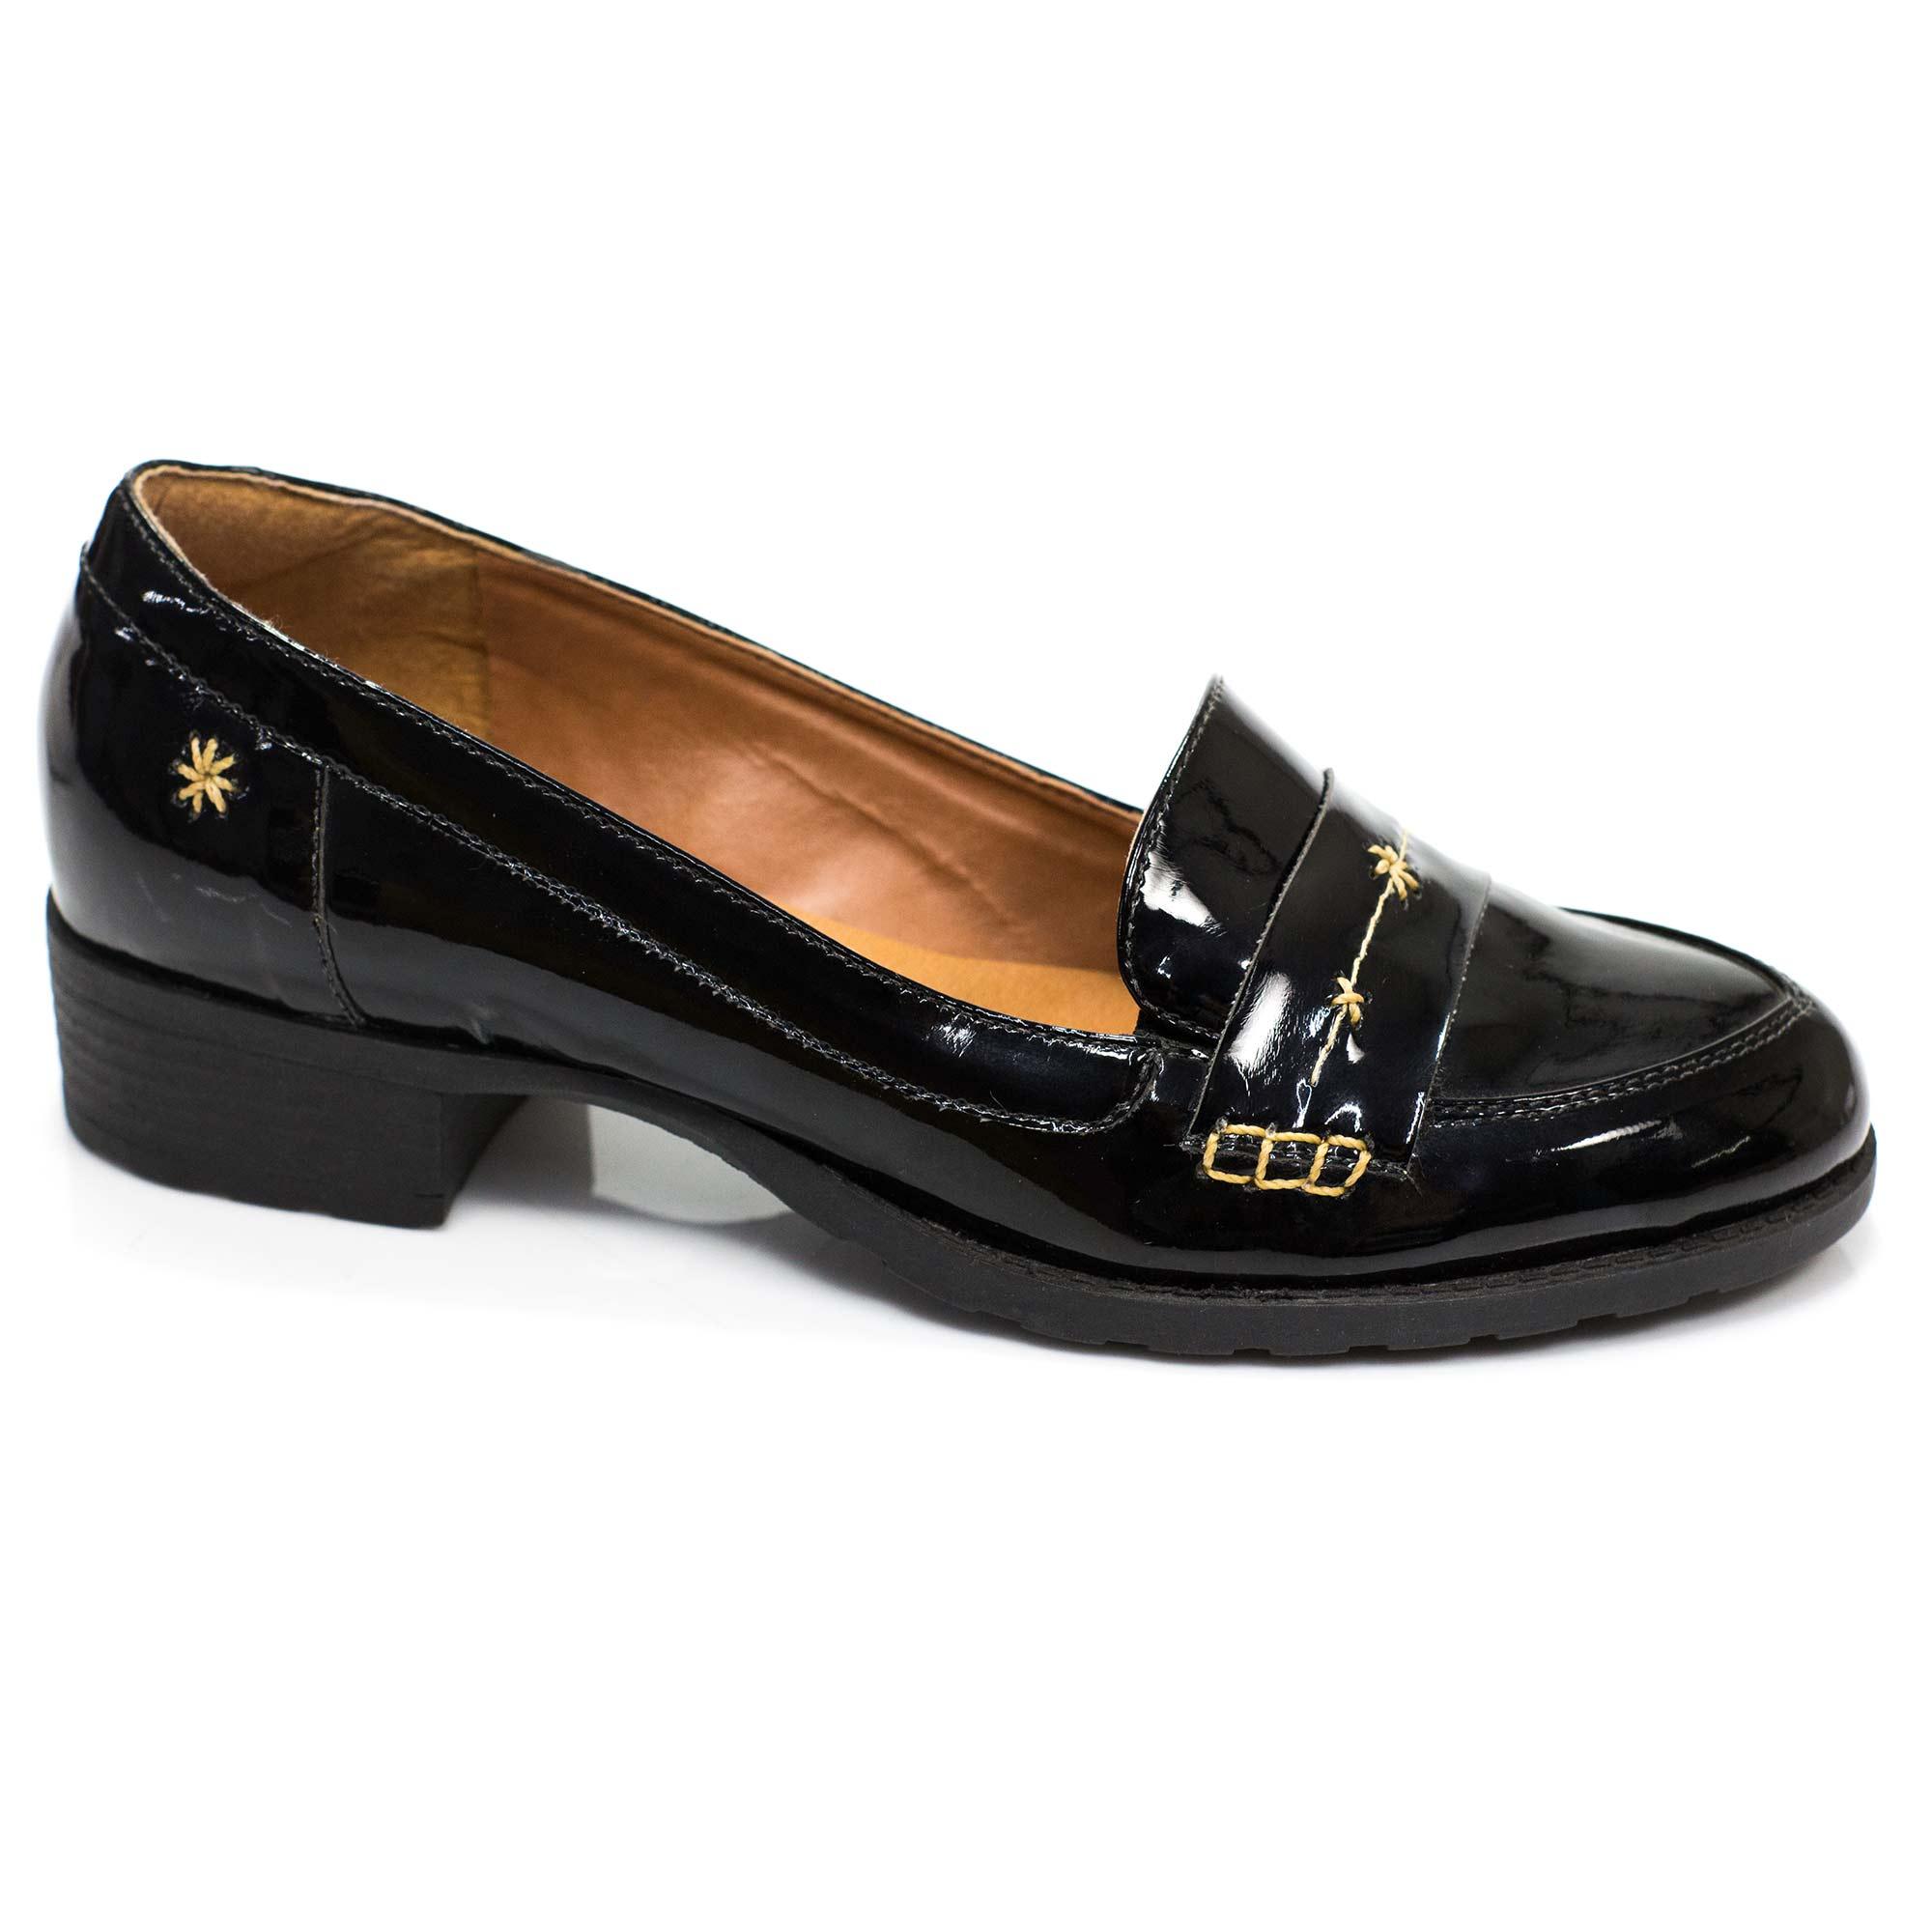 046275f4880 Sapato Retrô em couro Emma